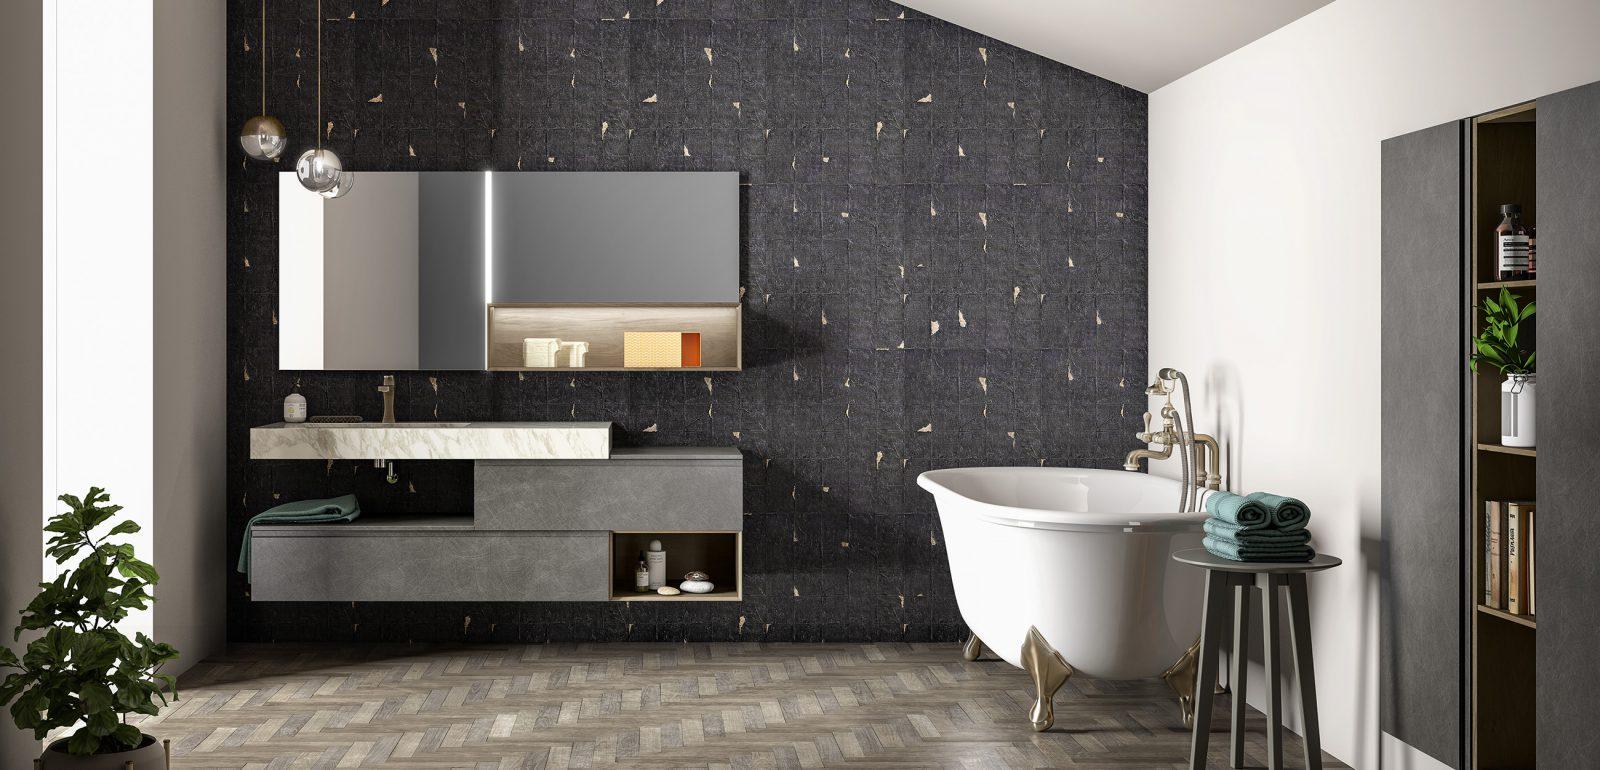 Arredo bagno treviso e provincia mobili di design per il for Arredo bagno treviso